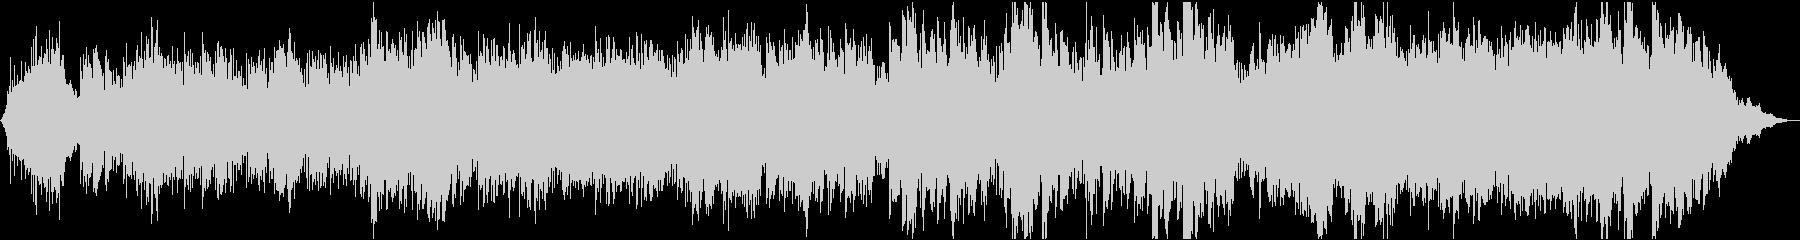 波の音に漂う透明なヒーリングハーモニーの未再生の波形